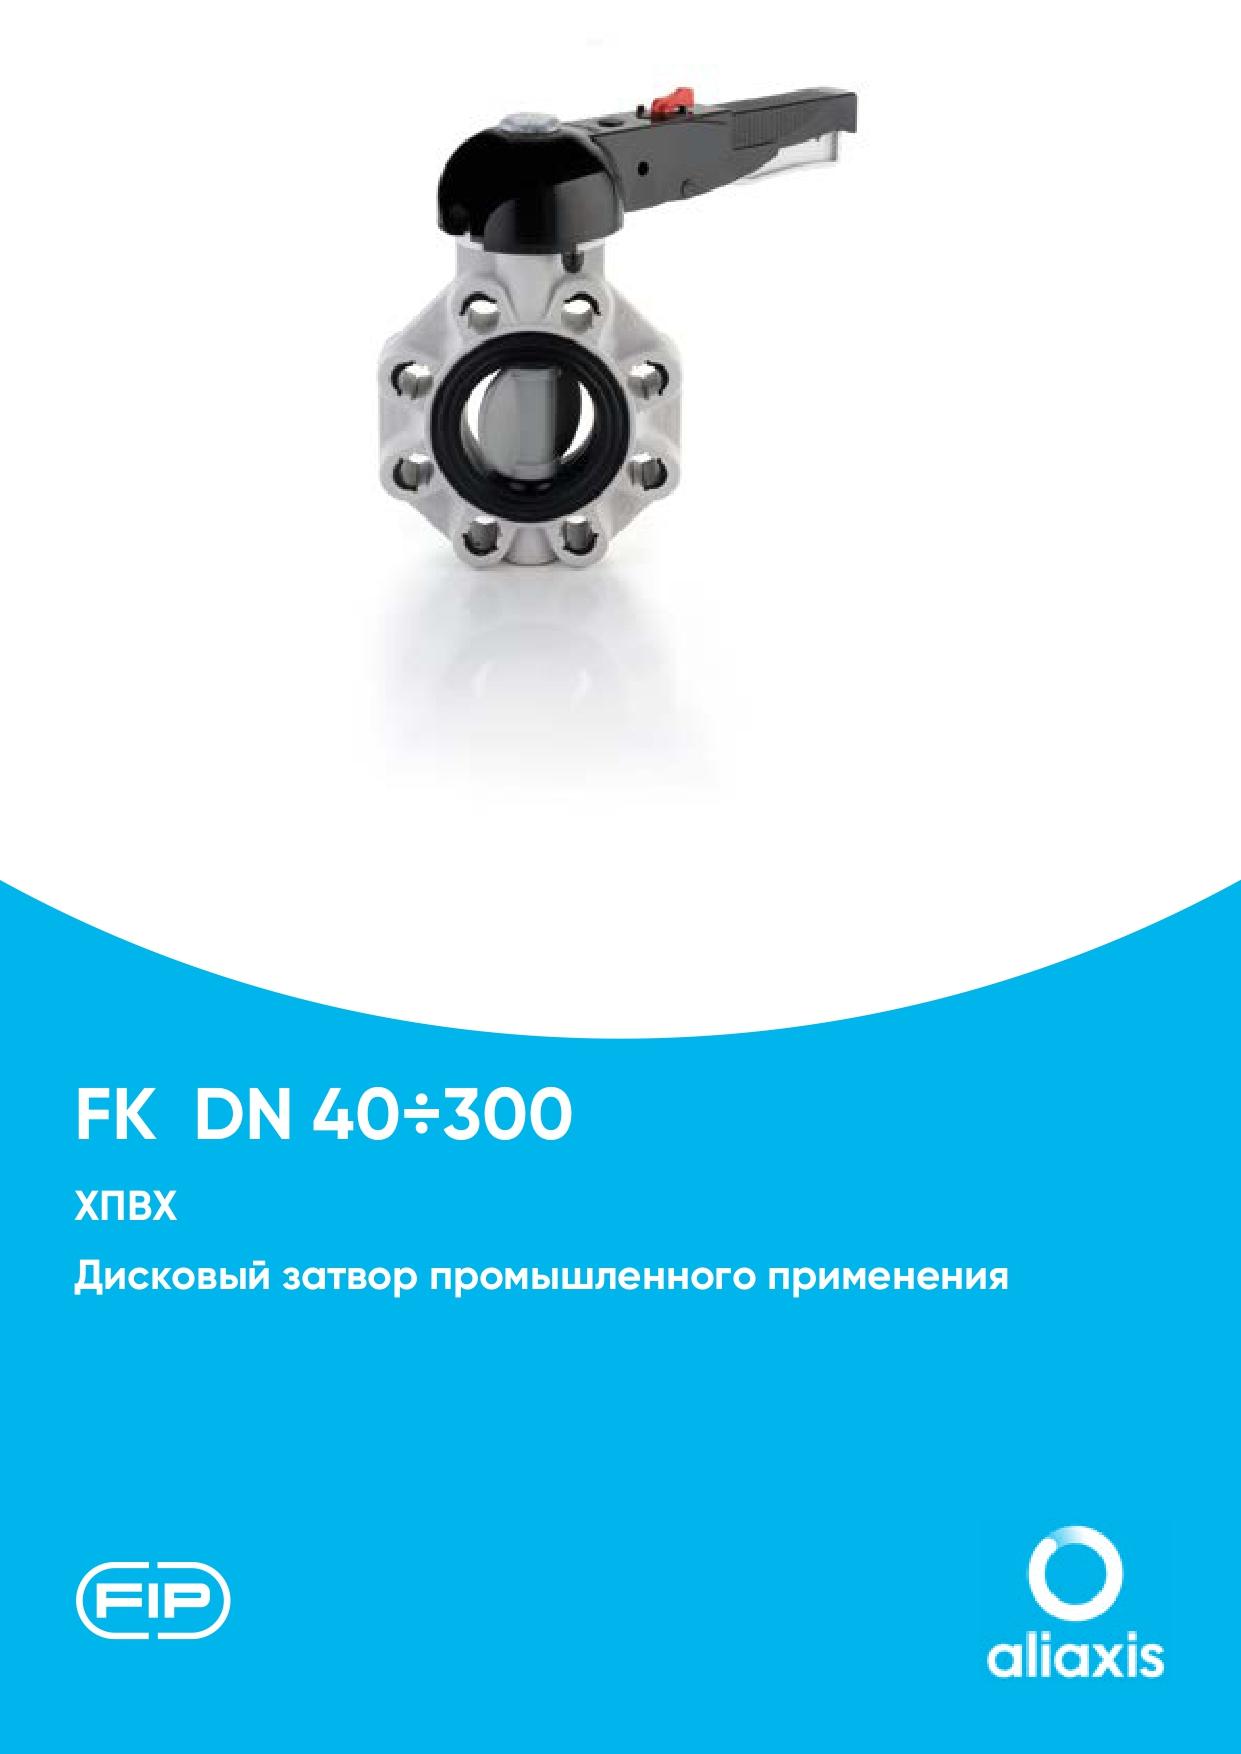 Дисковые затворы FK из ХПВХ DN40-400